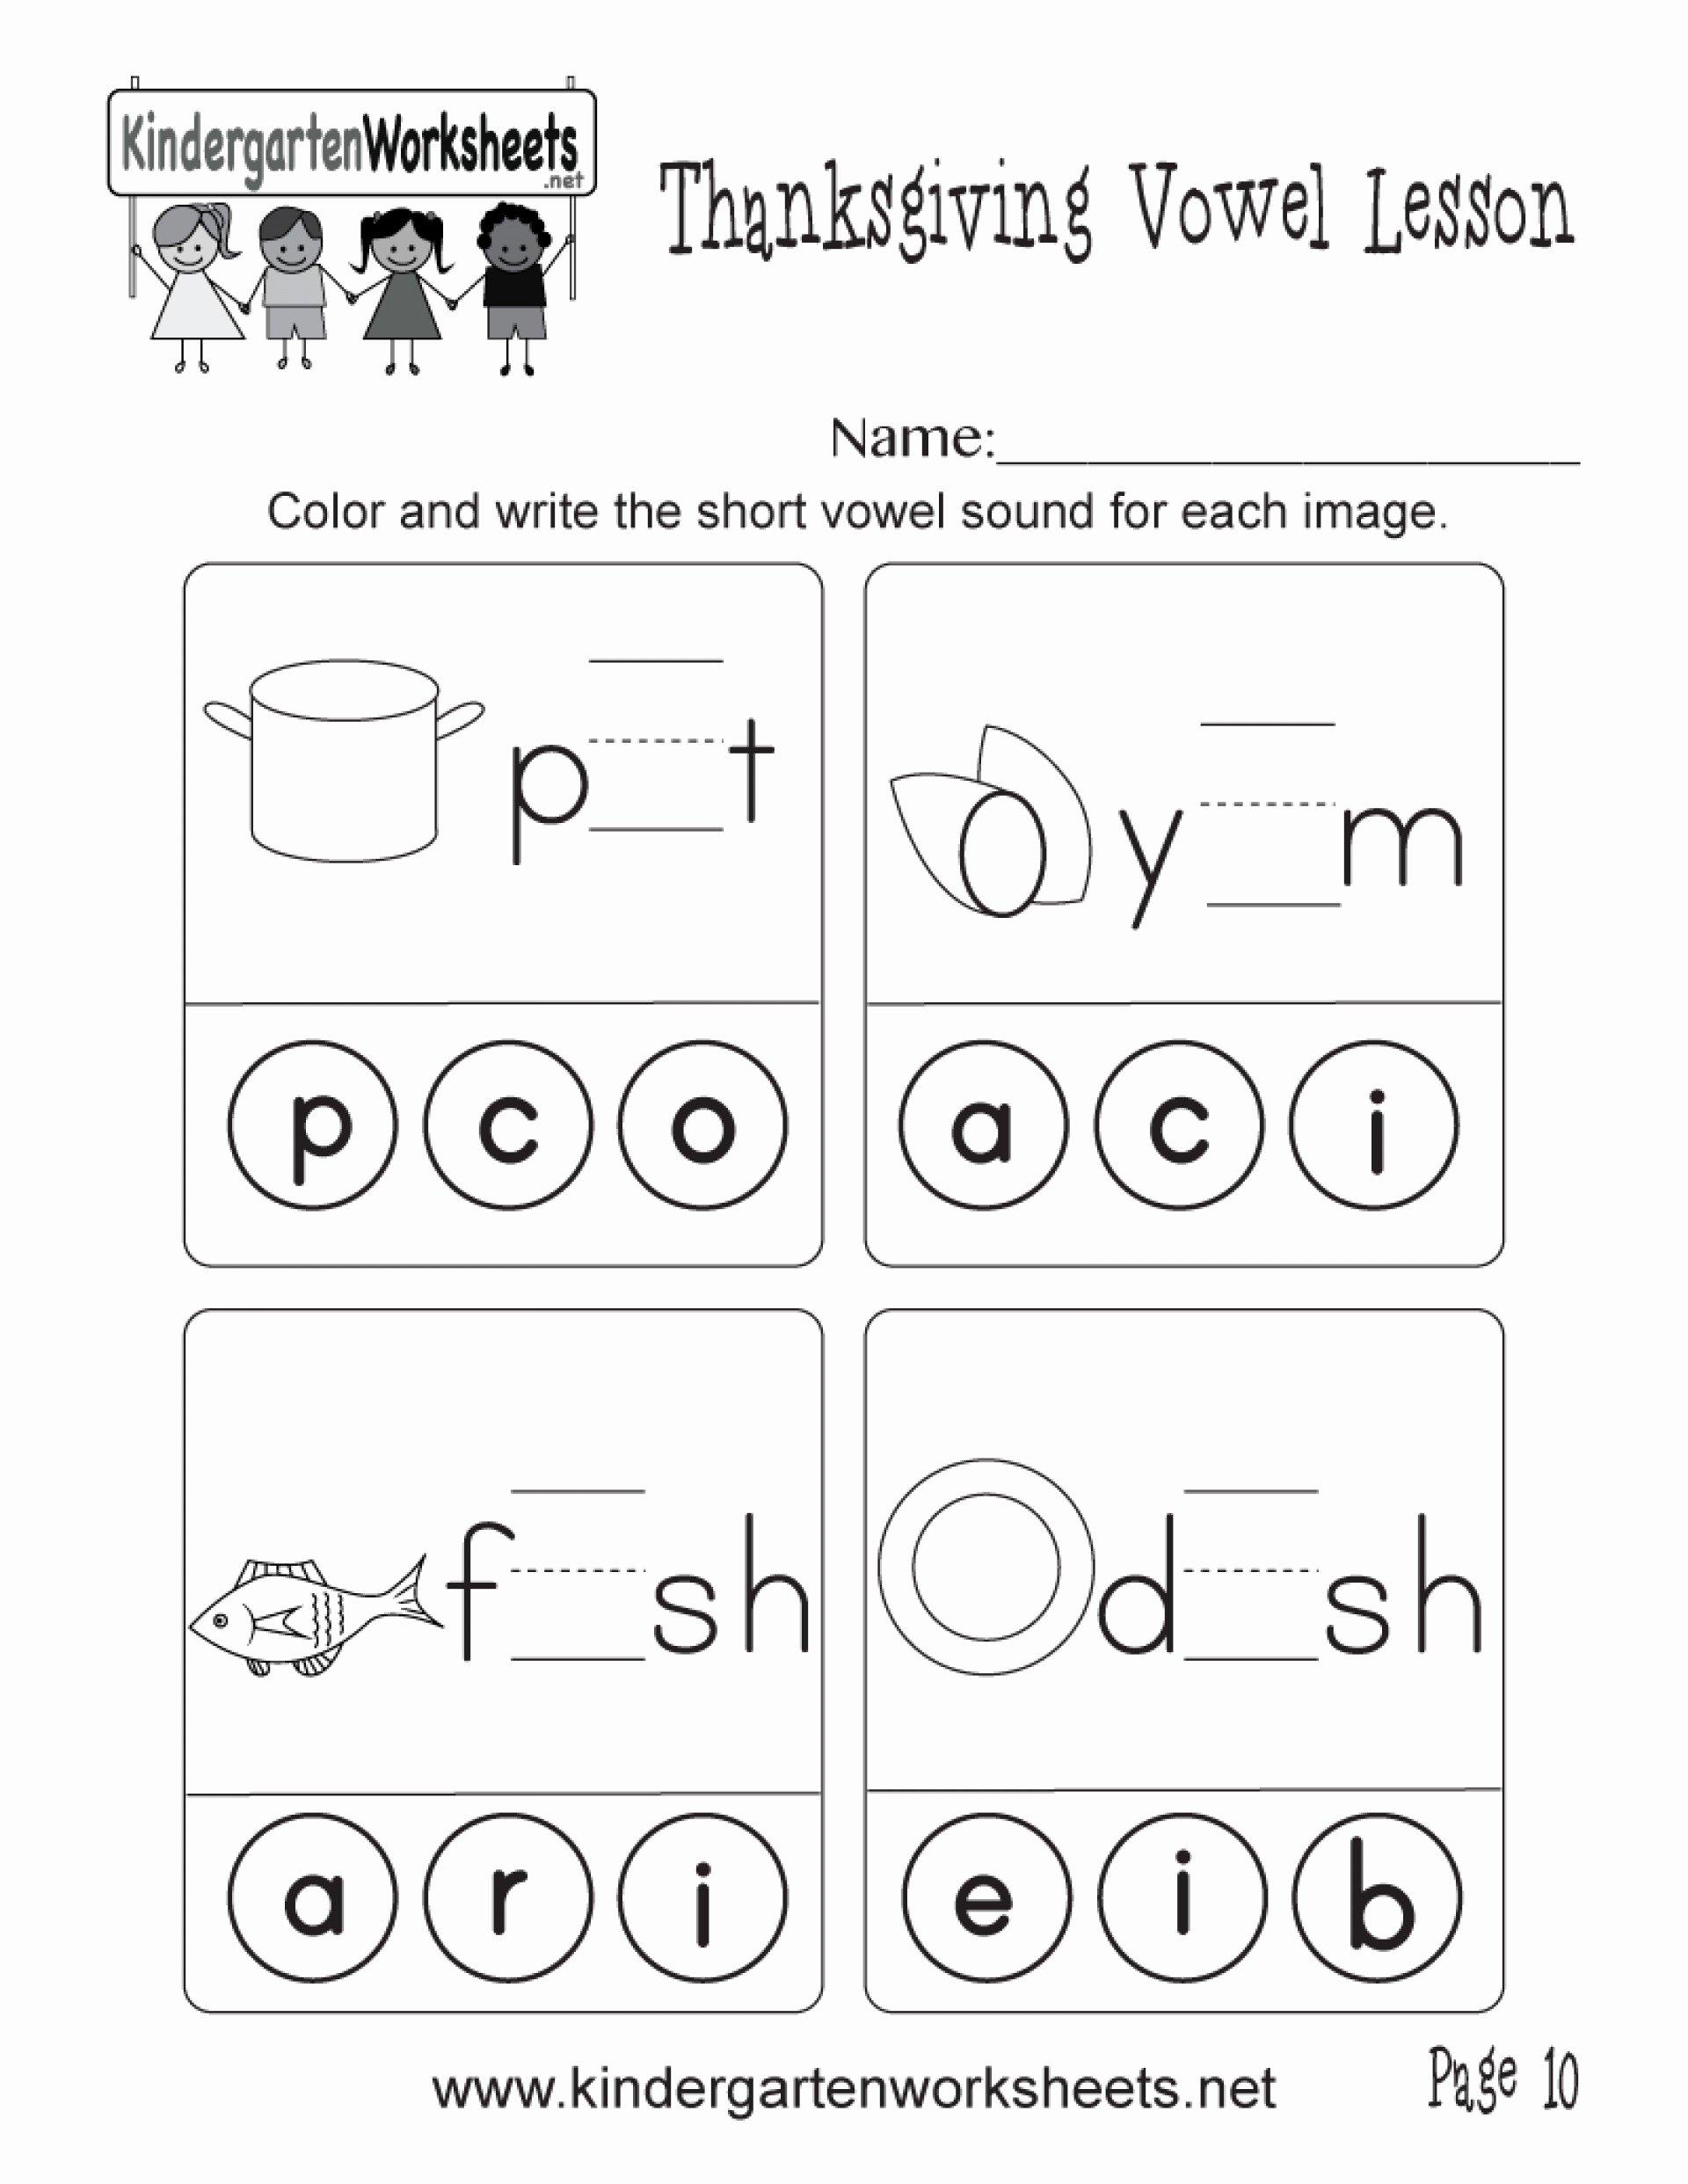 Vowels Worksheets for Preschoolers Fresh and Short Vowel sounds Worksheets Learning Printable